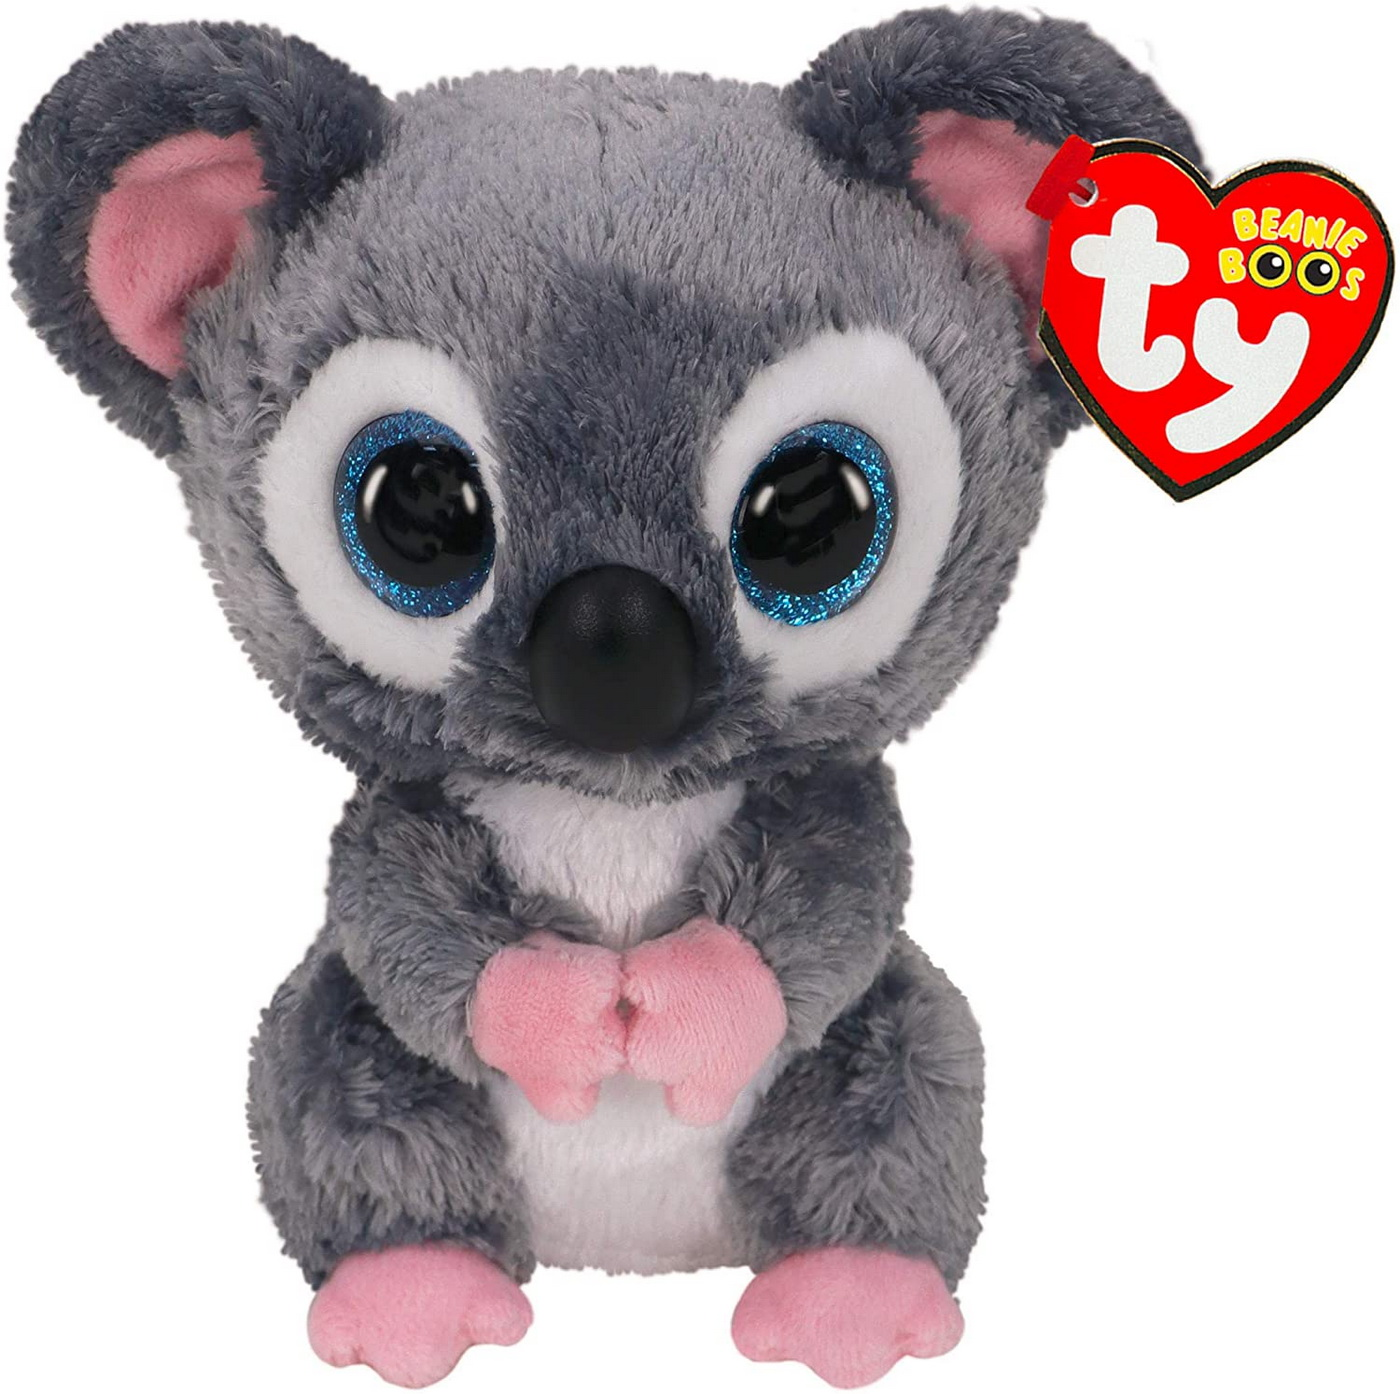 Plus Ty 15cm Boos Katy Ursuletul Koala